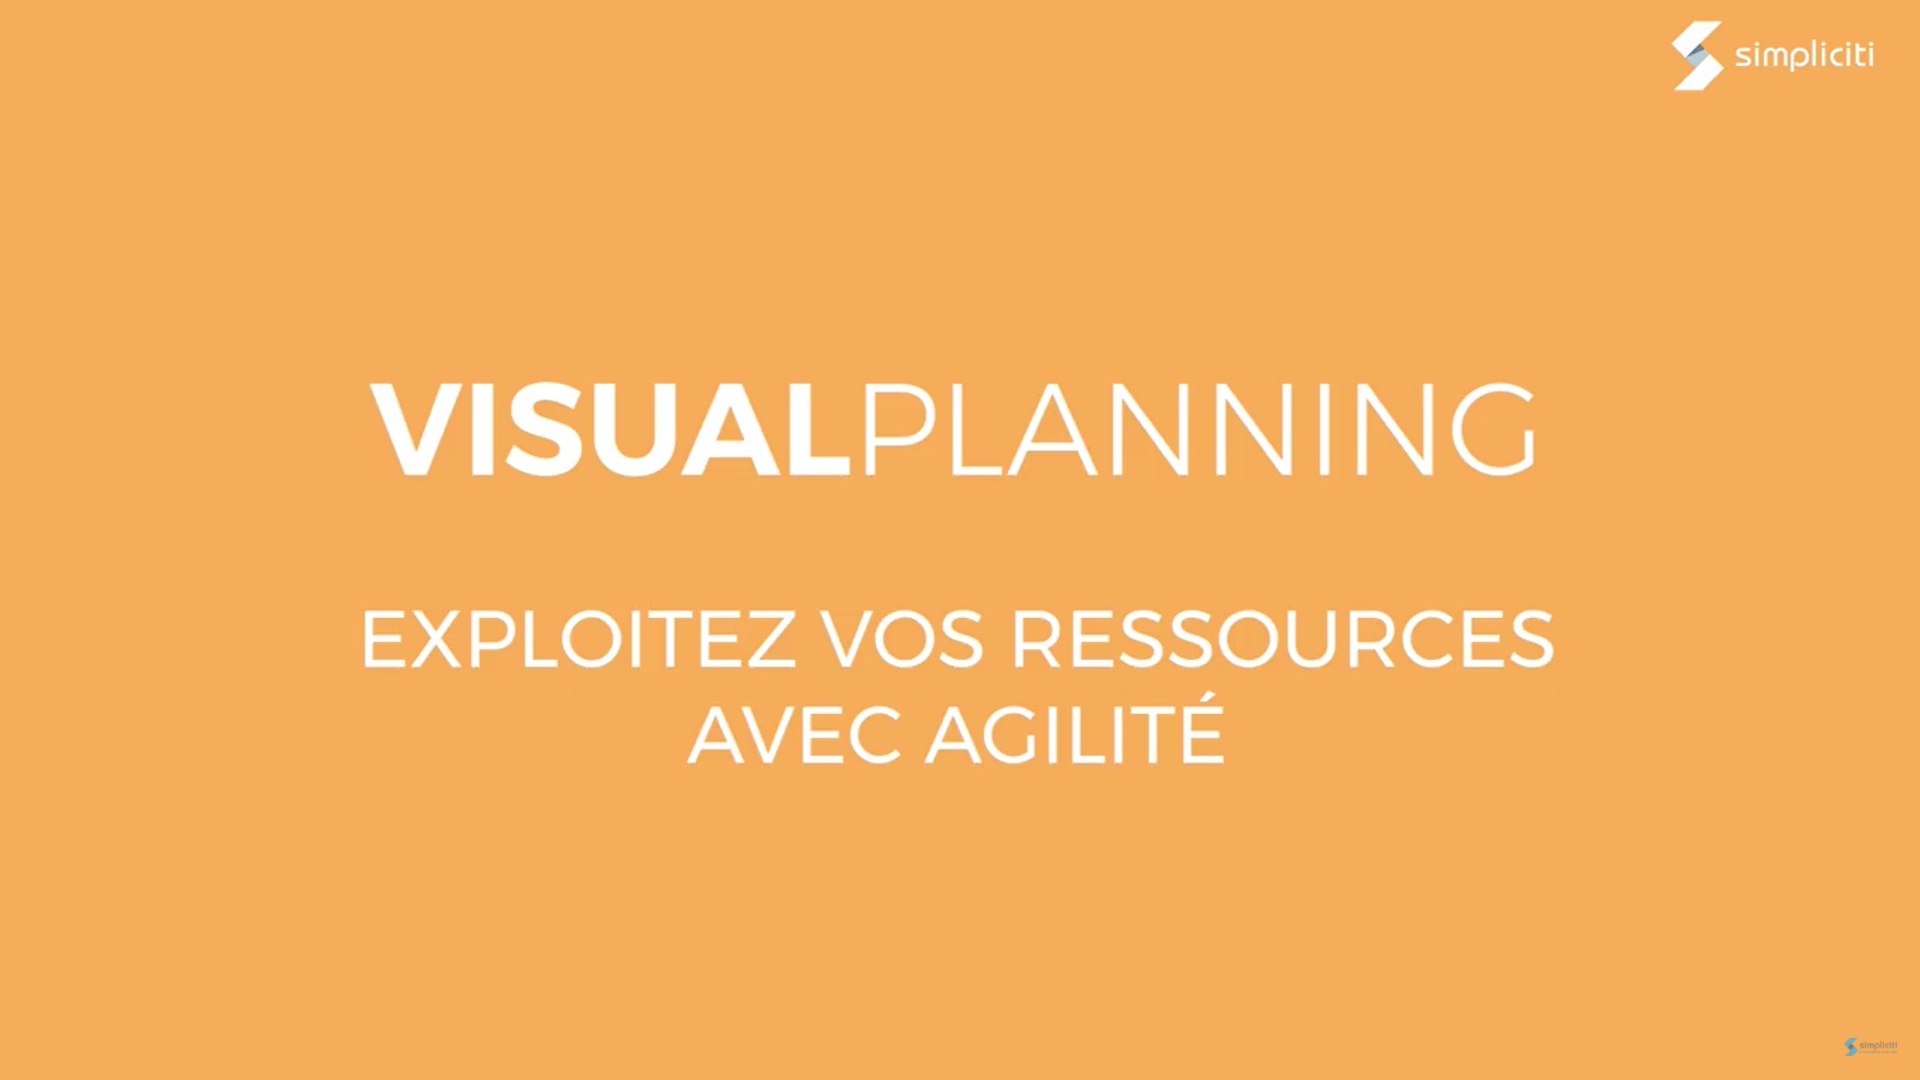 Vignette présentation vidéo Visual Planning